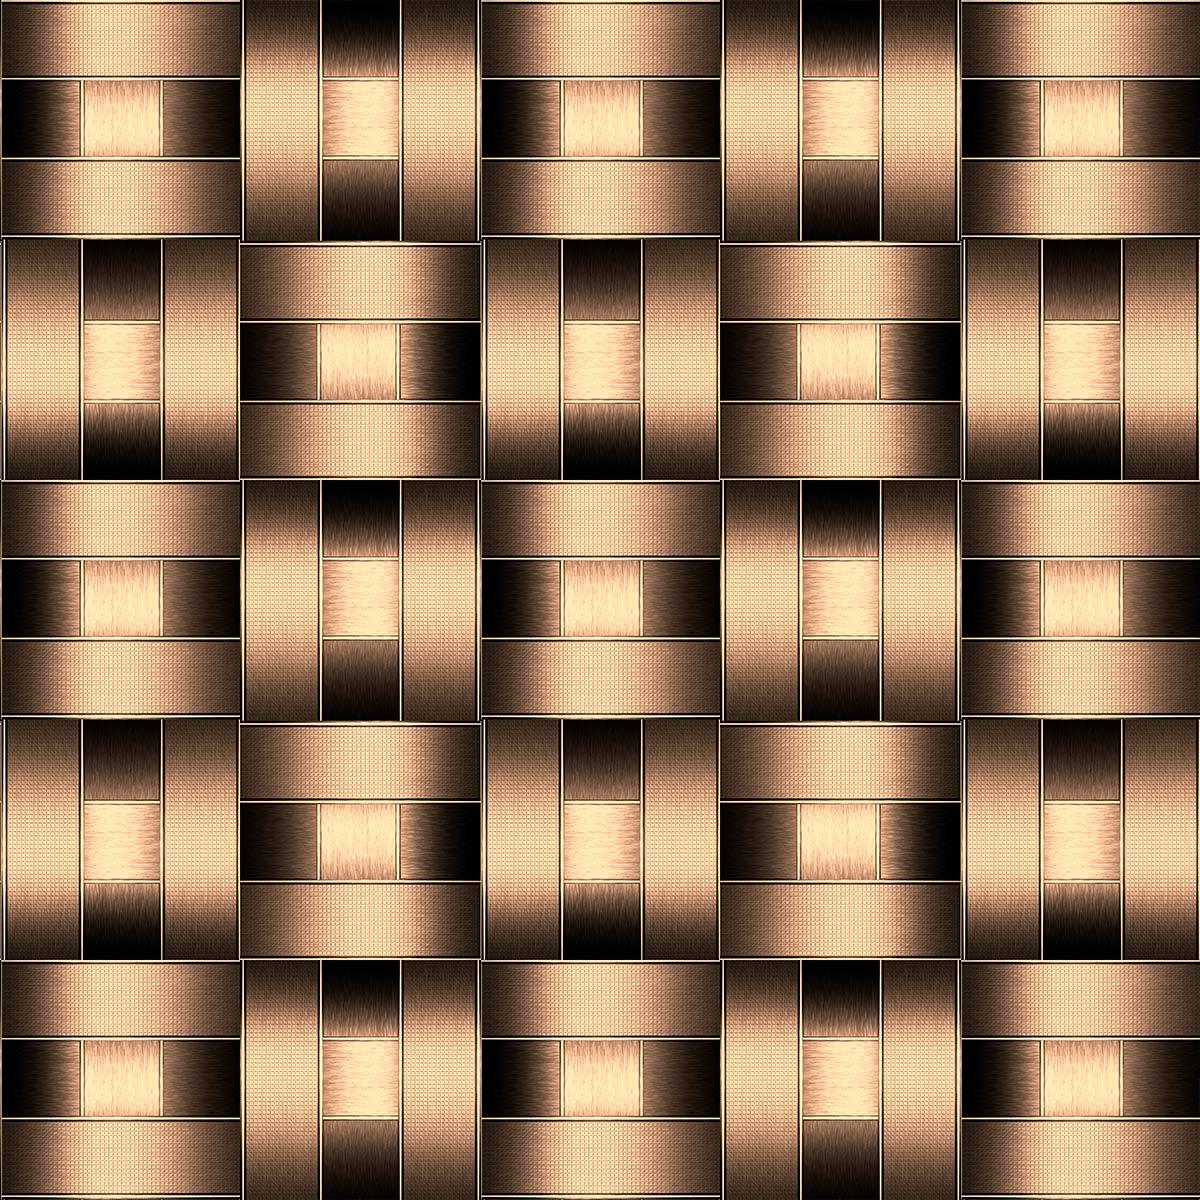 Papel de Parede 3D Geométrico Tubo Metálico Cano Adesivo